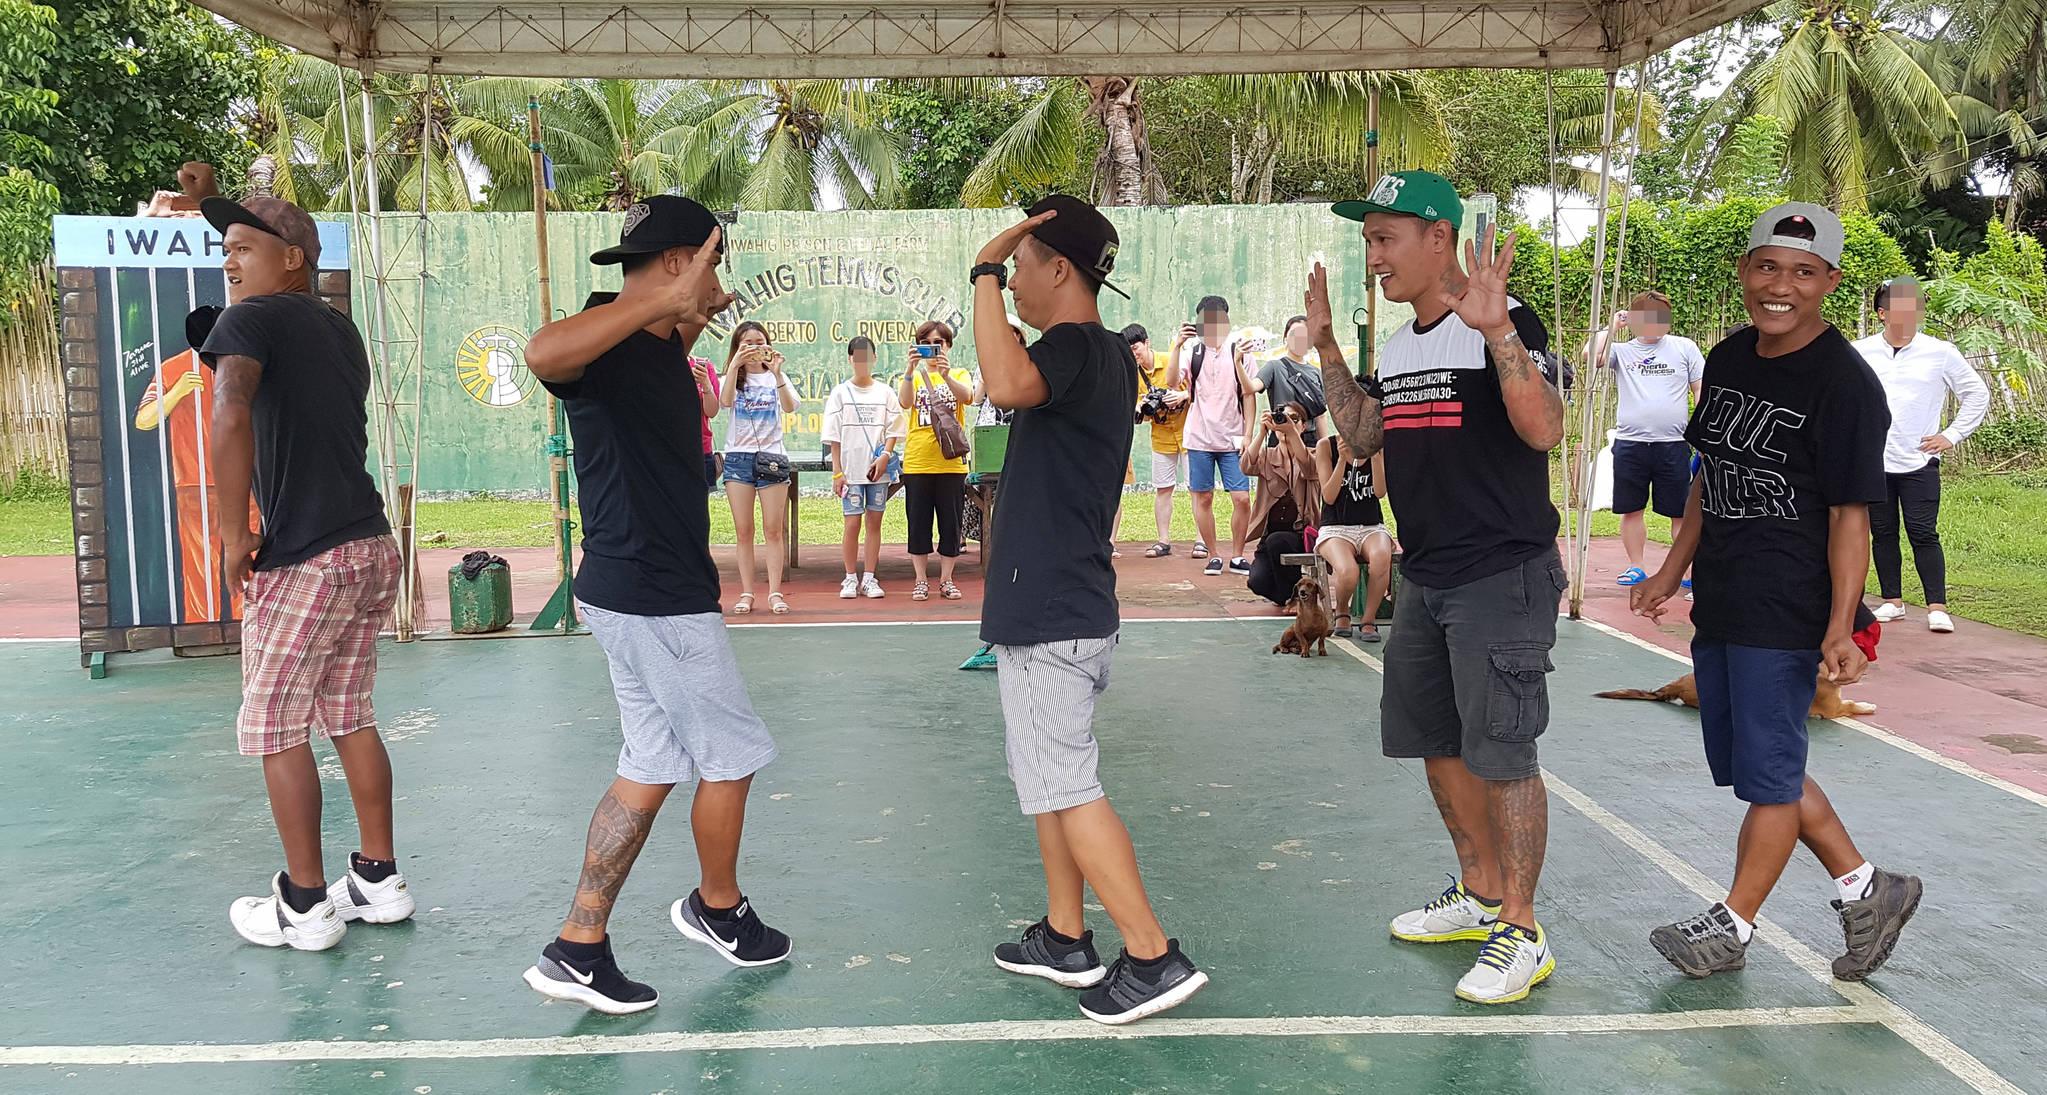 필리핀 팔라완 이와힉 개방 교도소 죄수들이 10일 관광객 앞에서 가수 싸이의 '마더파더 젠틀맨'과 모모랜드의 '뿜뿜'에 맞춰 춤을 추고 있다. 변선구 기자